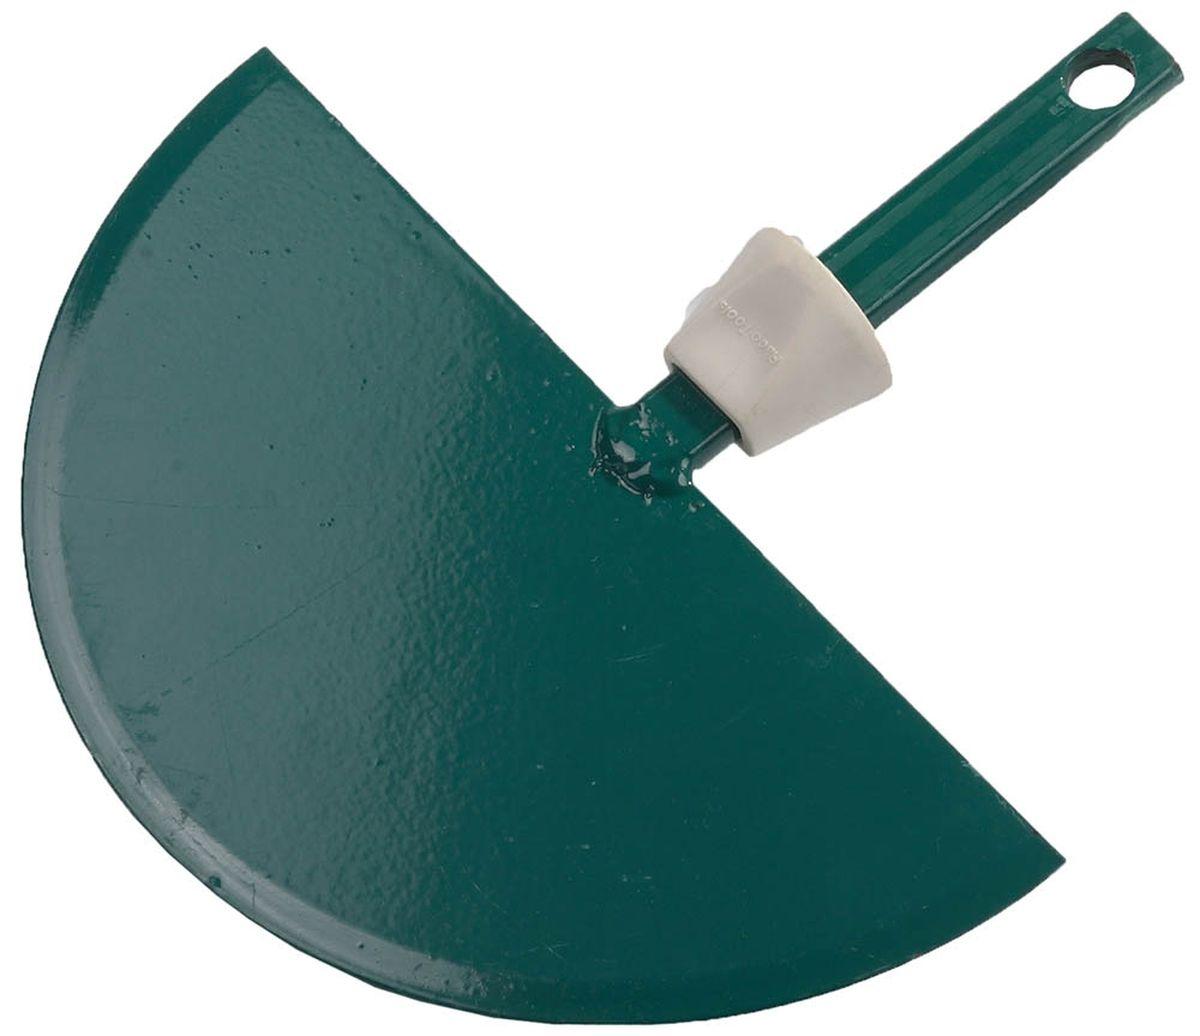 Мотыга садовая Raco, с быстрозажимным механизмом, ширина 30 см4230-53811Садовая мотыга Raco применяется для подрезки углов газонов и подрубки корней растений. Стальное полотно мотыги остро заточено, закалено и покрыто защитной краской зеленого цвета. Мотыга оснащена быстрозажимным механизмом. Ширина рабочей части составляет 30 см.